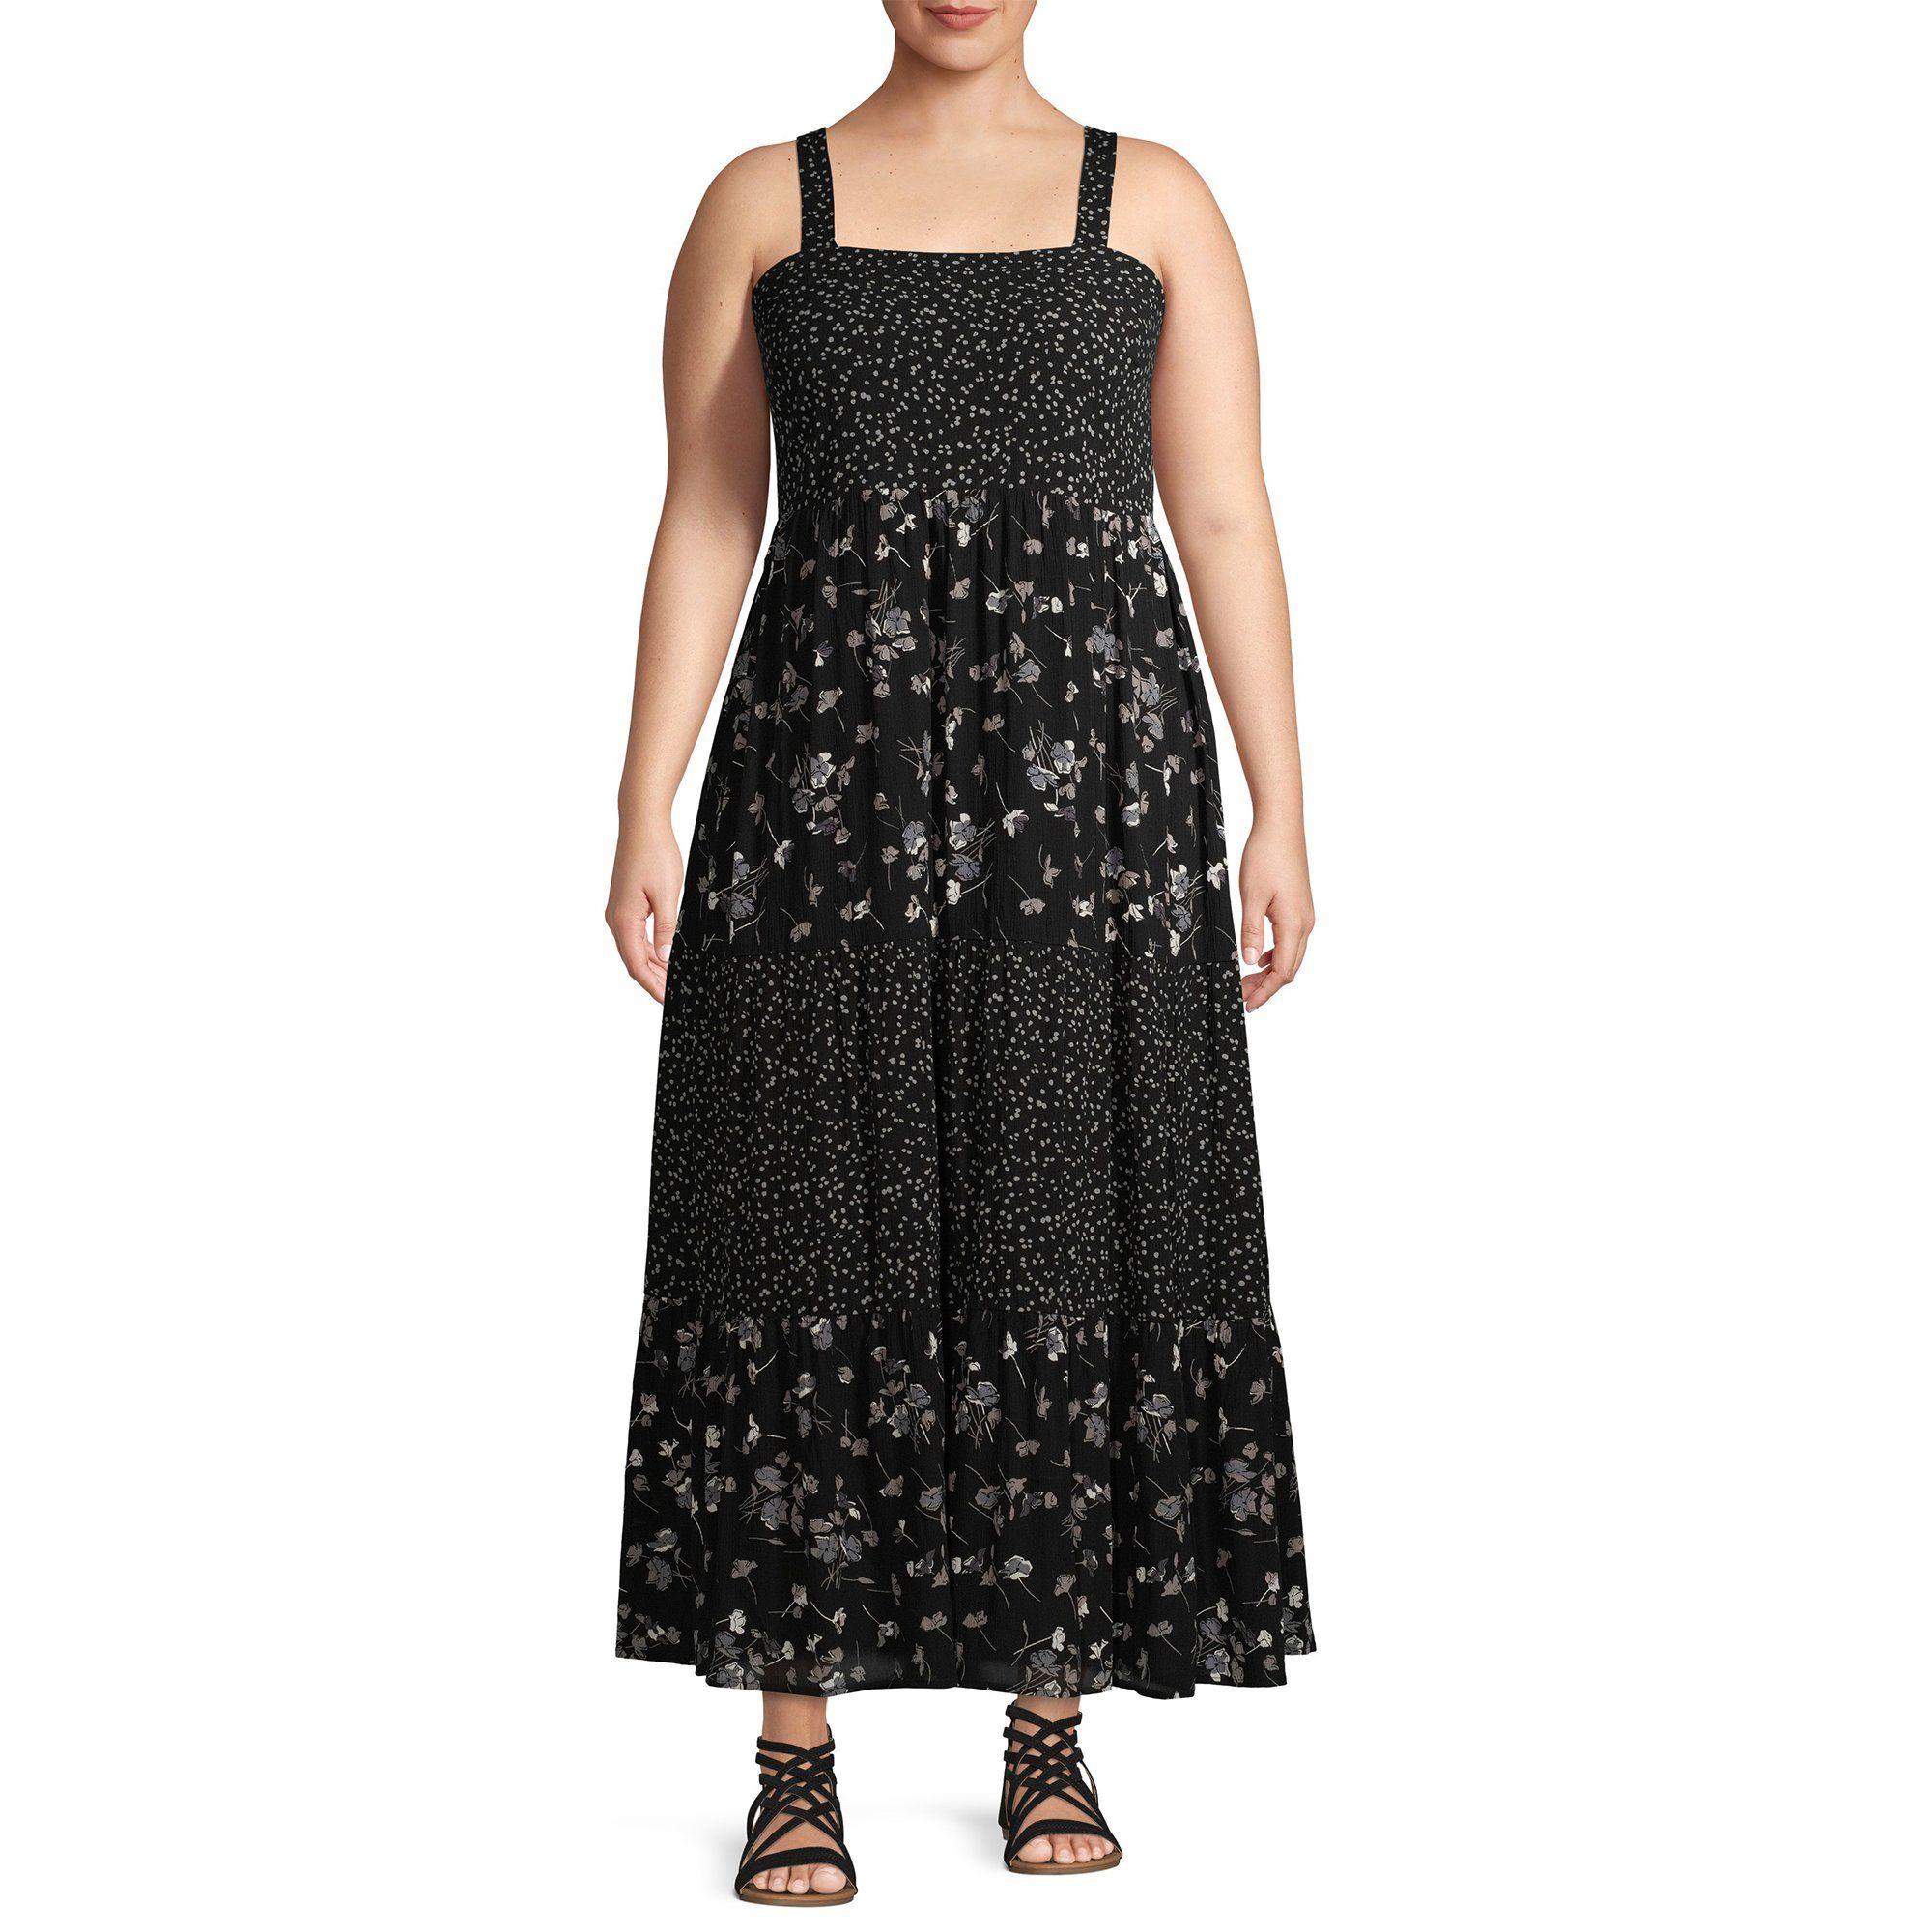 Terra Sky Terra Sky Women S Plus Size Twin Printed Tiered Maxi Dress Walmart Com Tiered Maxi Dress Dresses Maxi Dress [ 2000 x 2000 Pixel ]